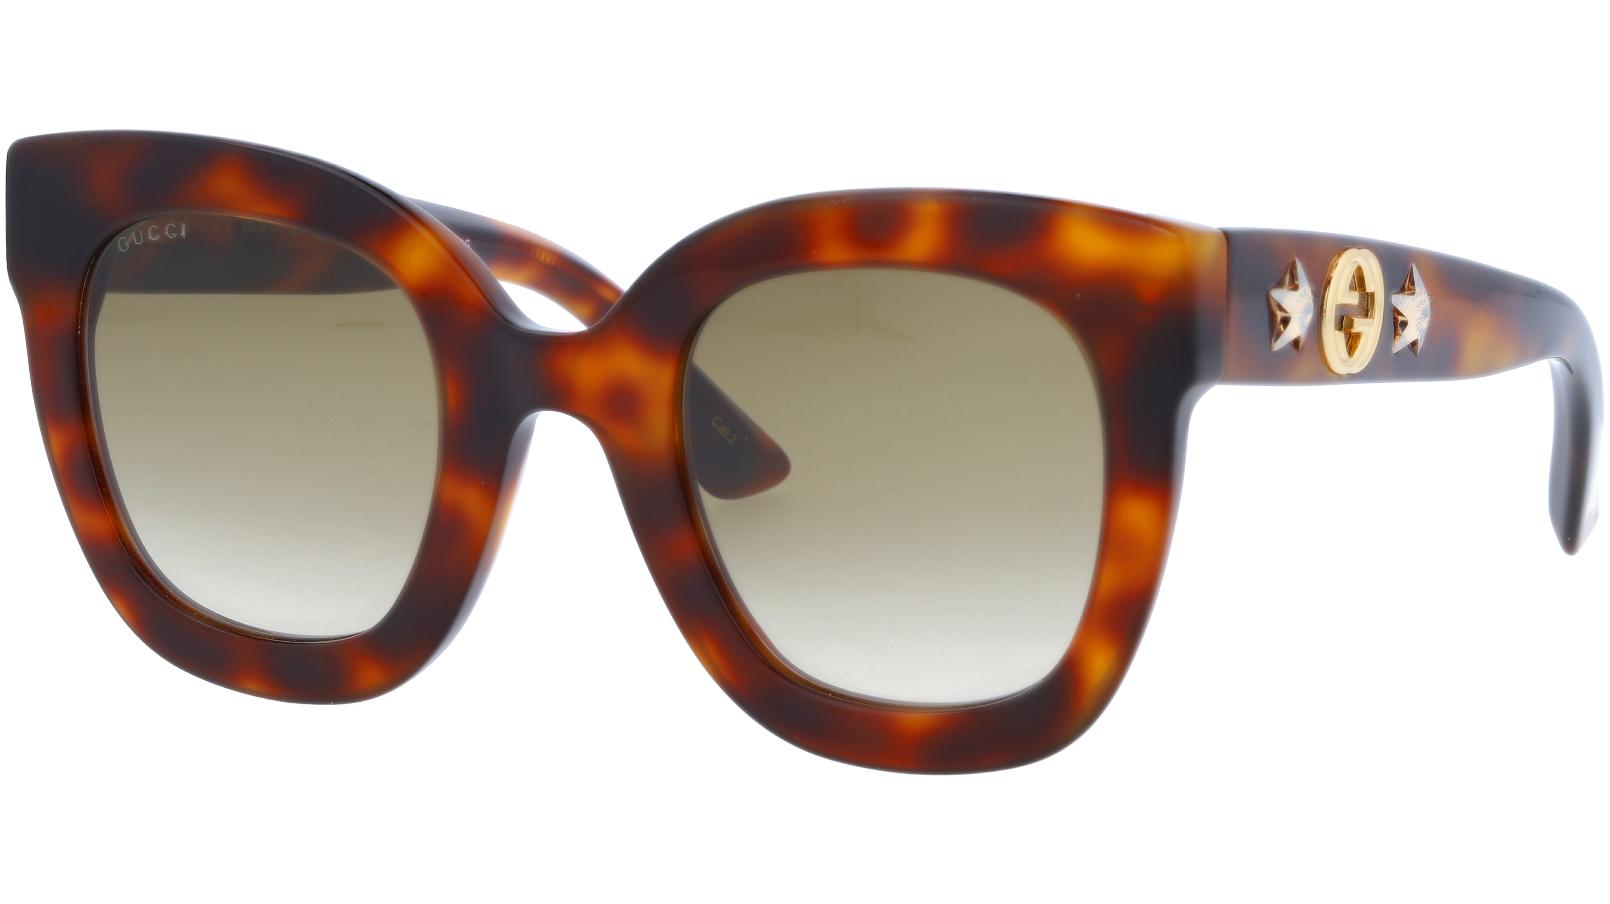 GUCCI GG0208S 003 49 AVANA Sunglasses